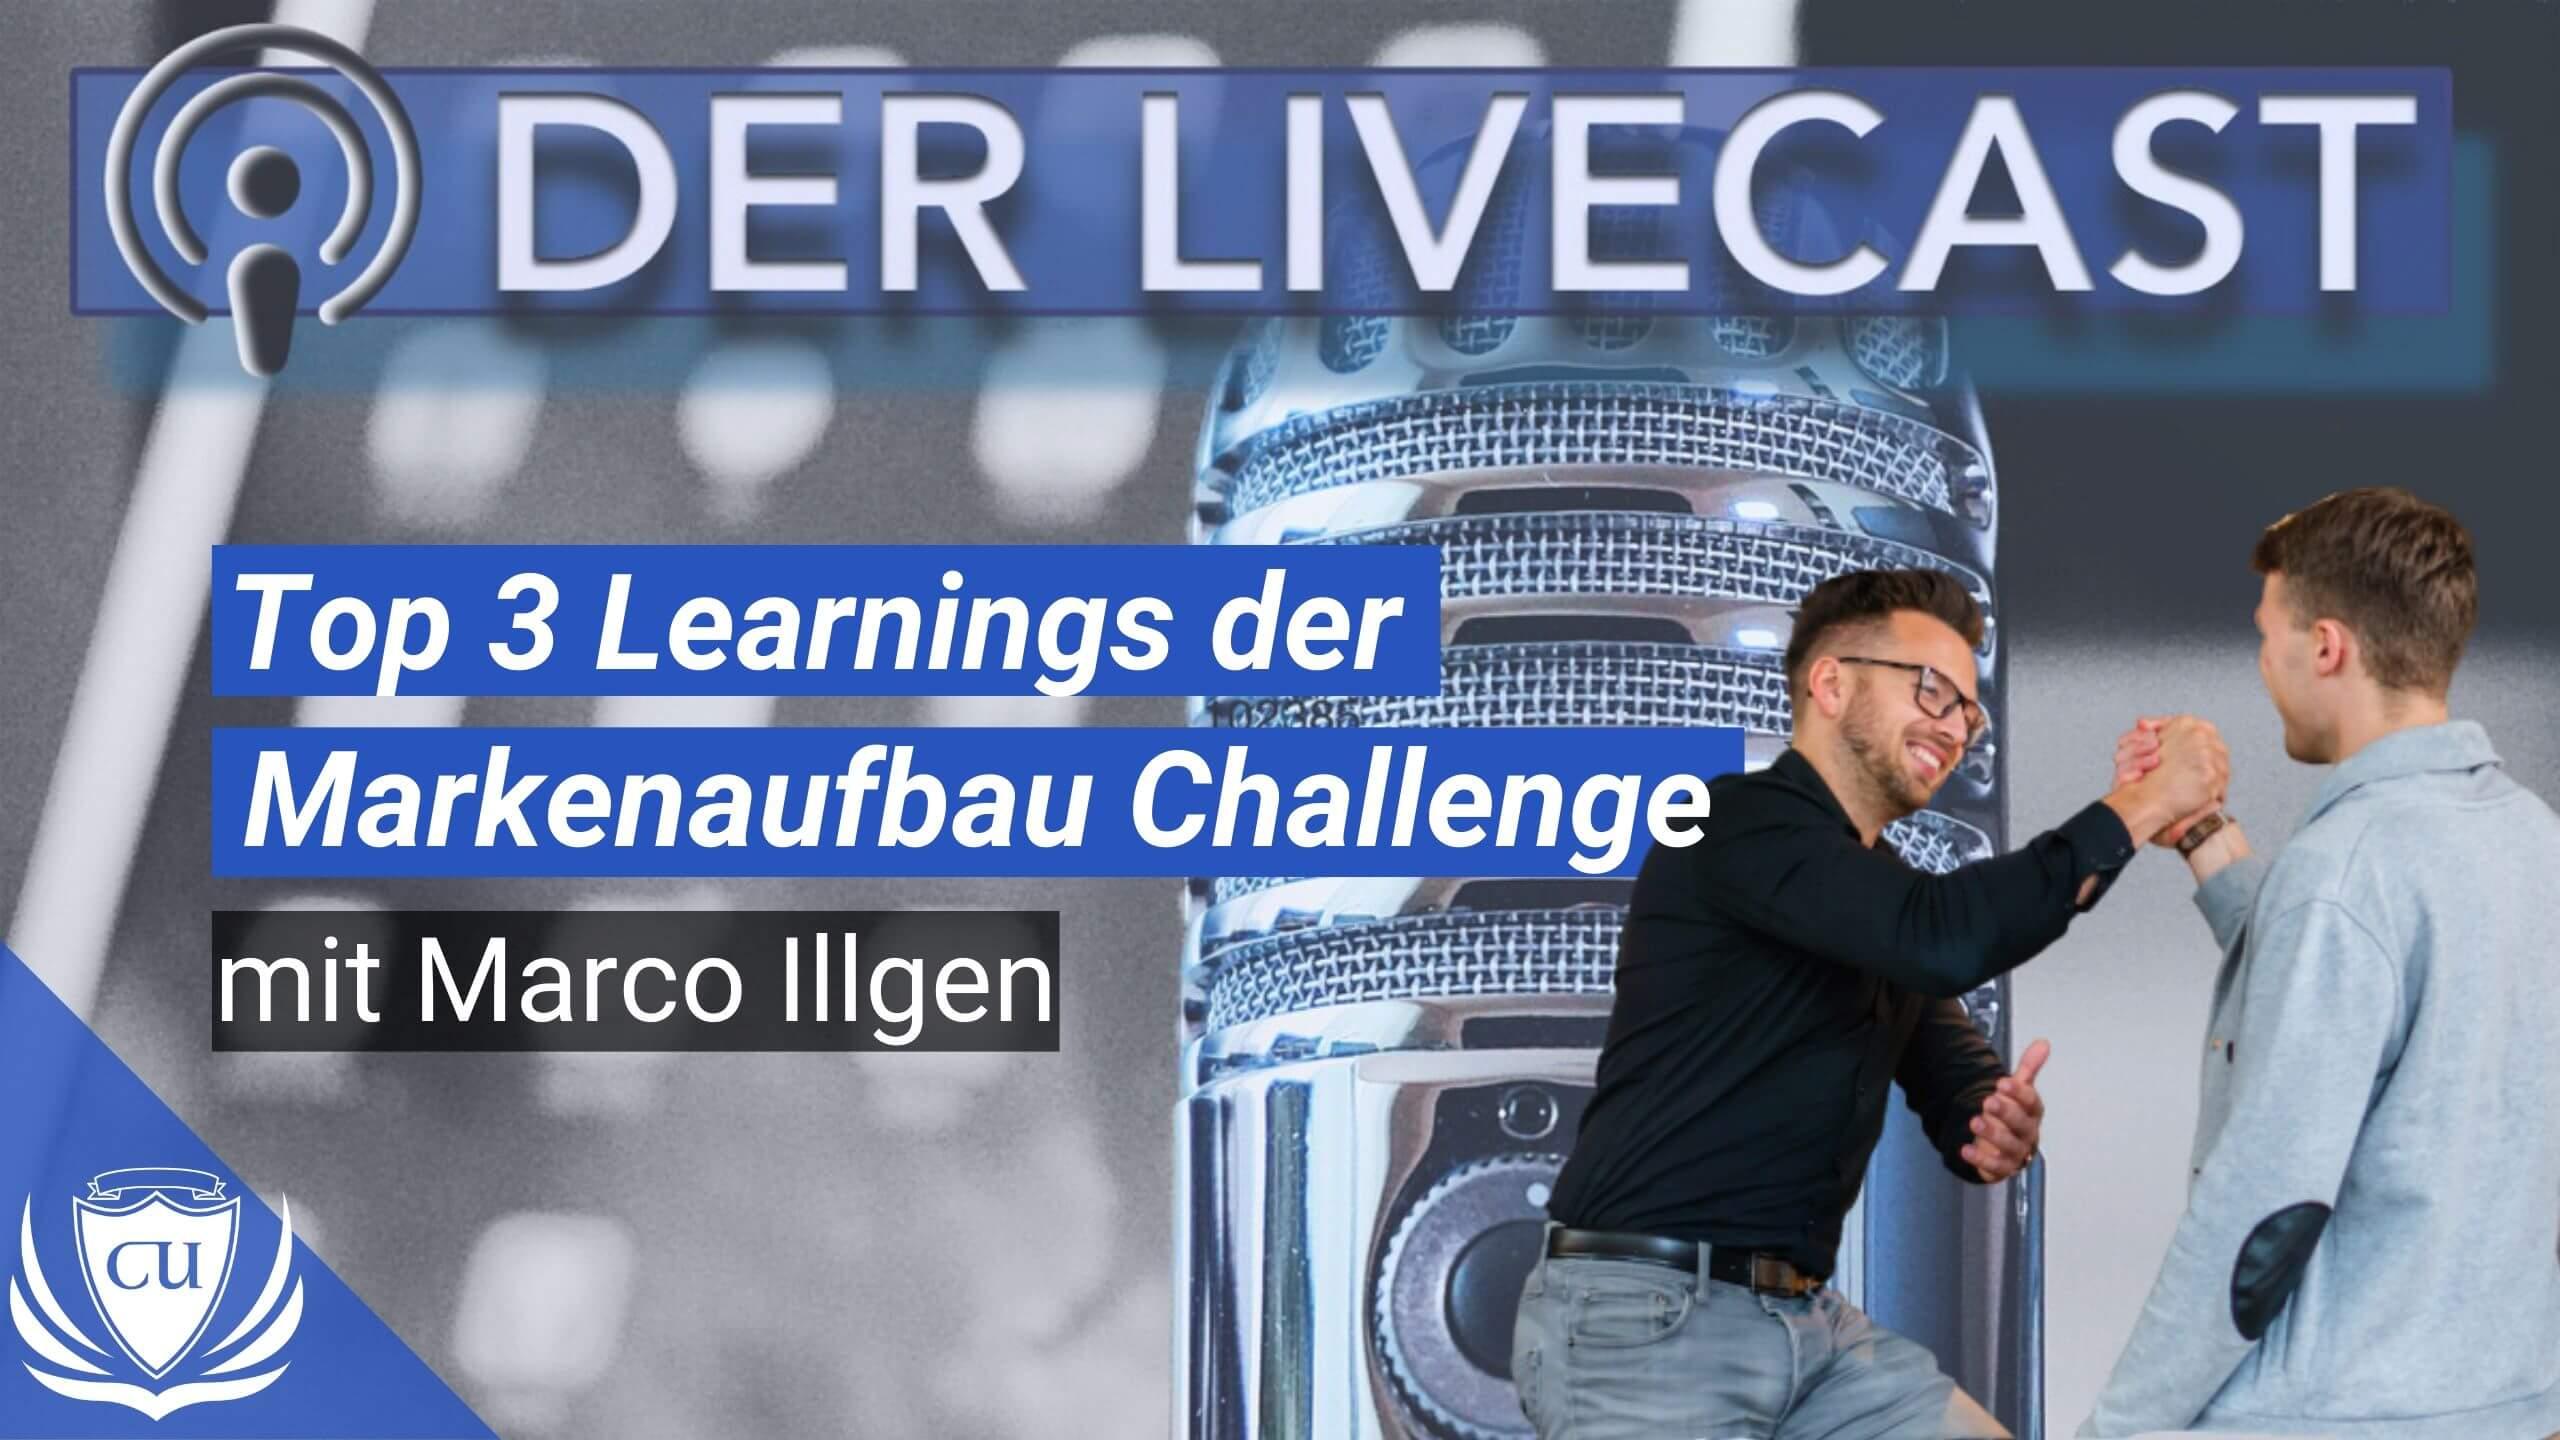 Die Top 3 Learnings aus der Markenaufbau Challenge 2020 mit Marco Illgen